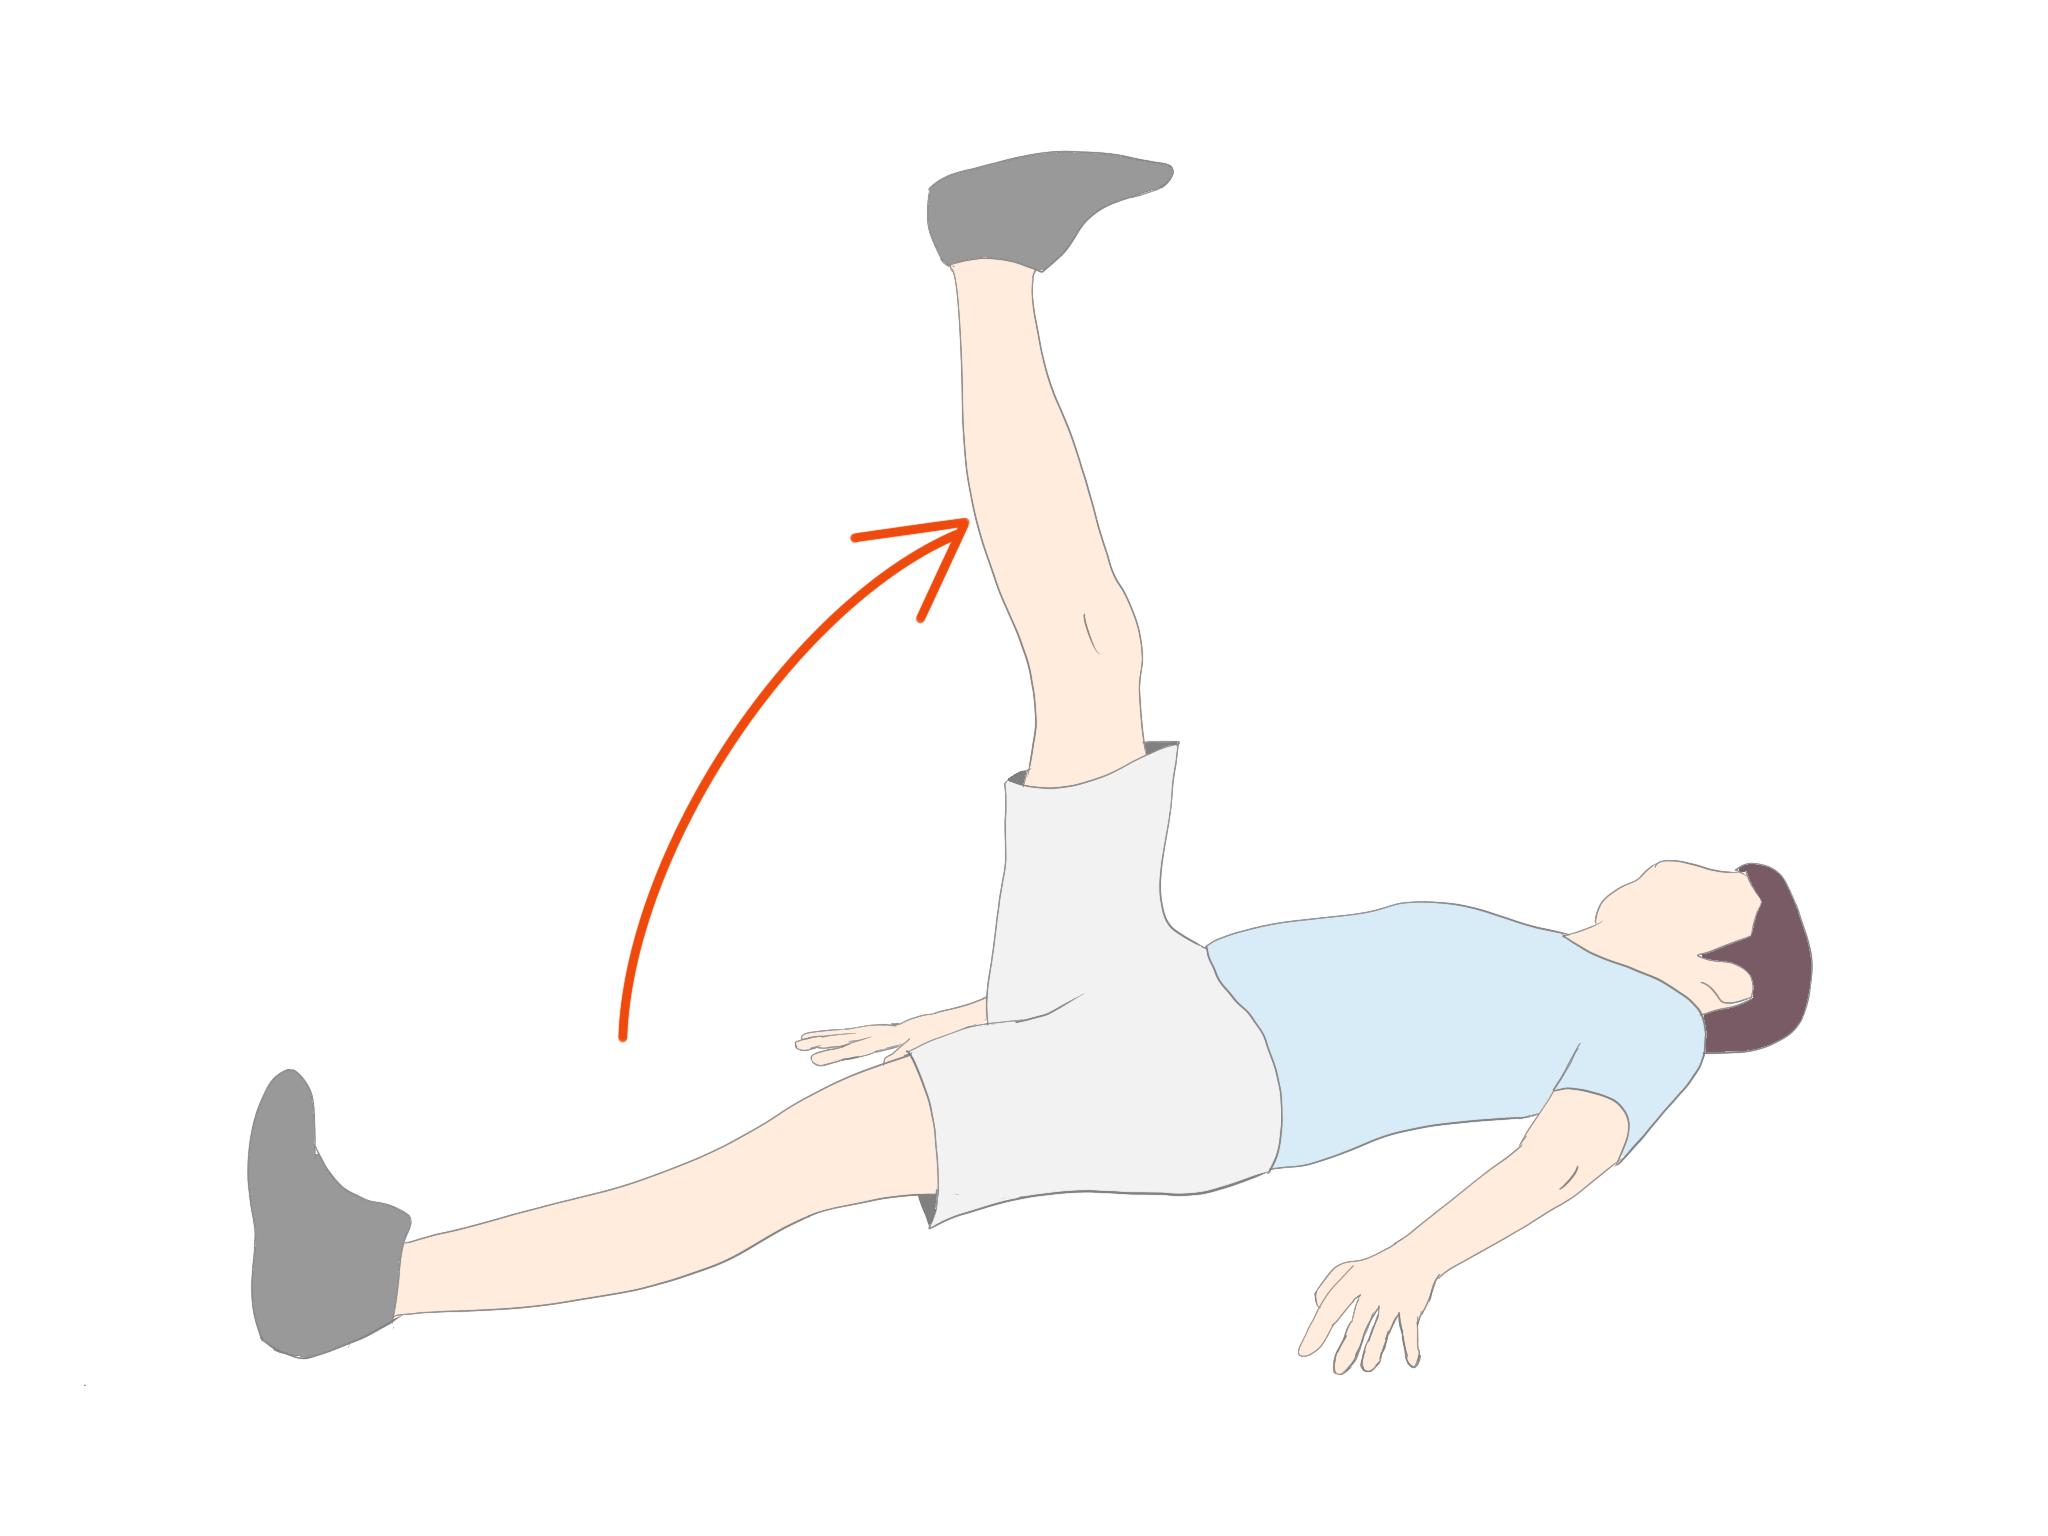 レッグロワリングセットアップポジション【金沢市のアルコット接骨院のパーソナルトレーニング】